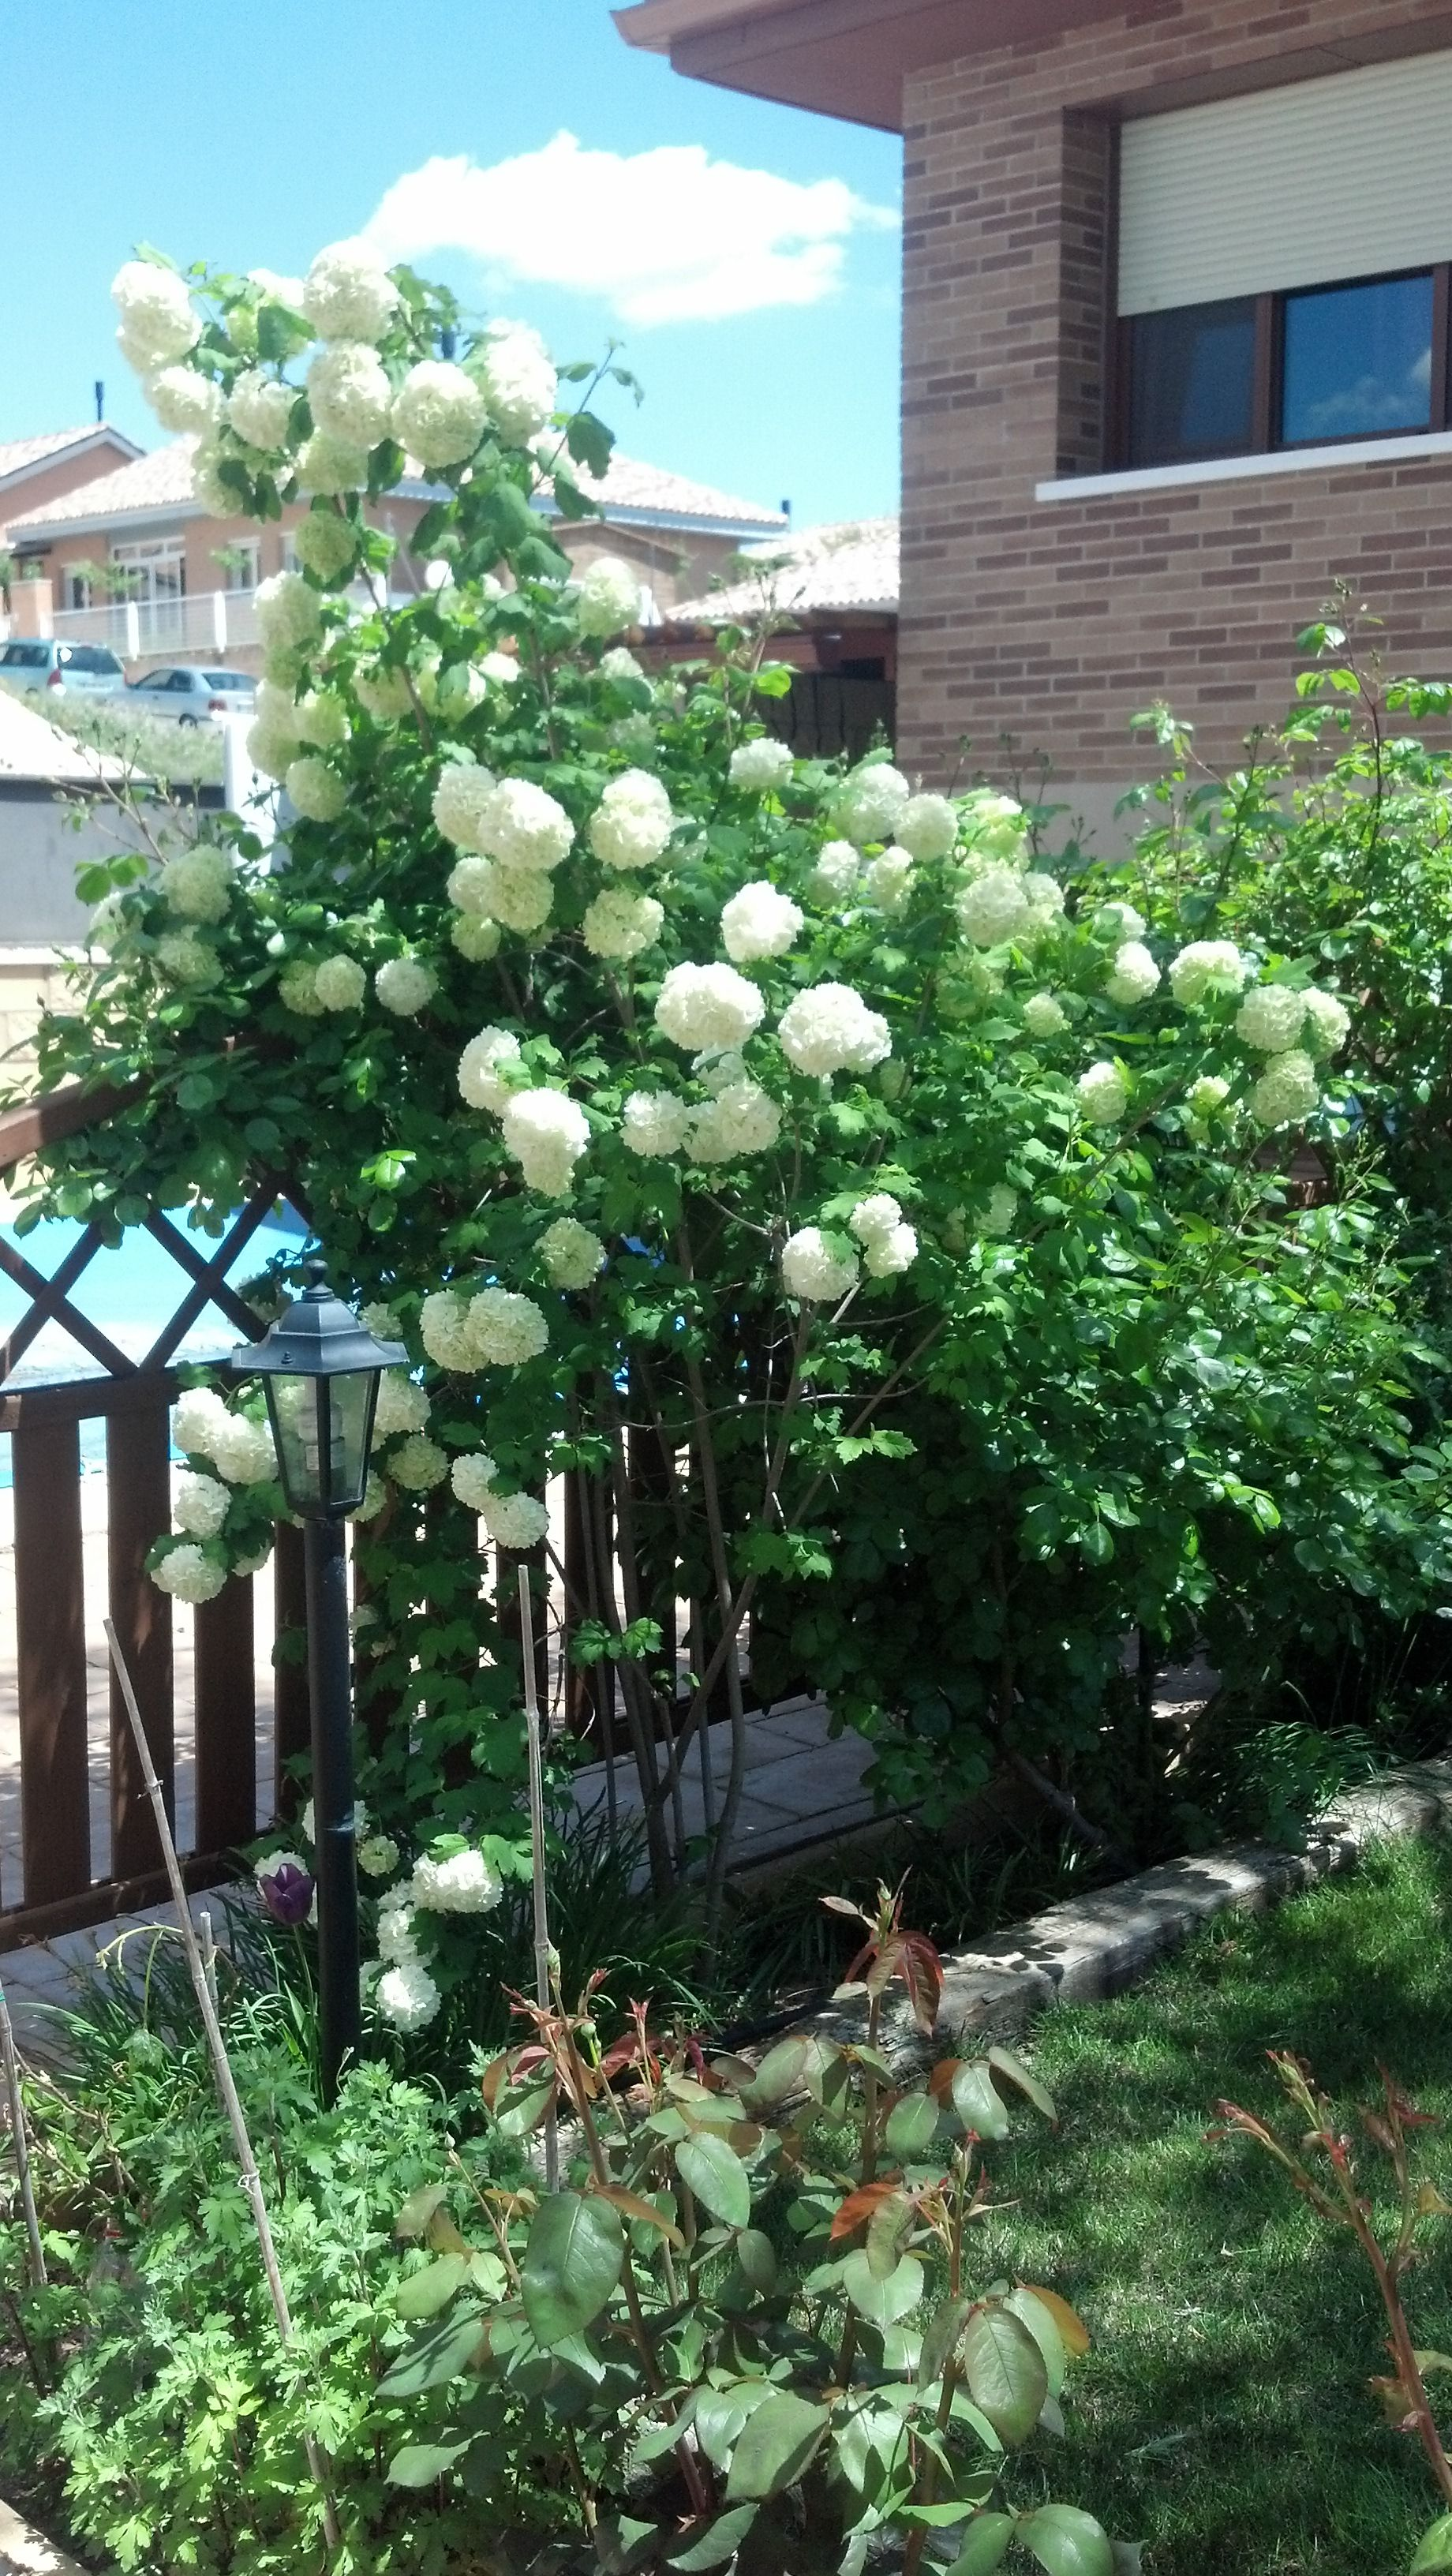 Bola de nieve arbusto de hoja caduca resiste la heladas for Arbustos de hoja caduca